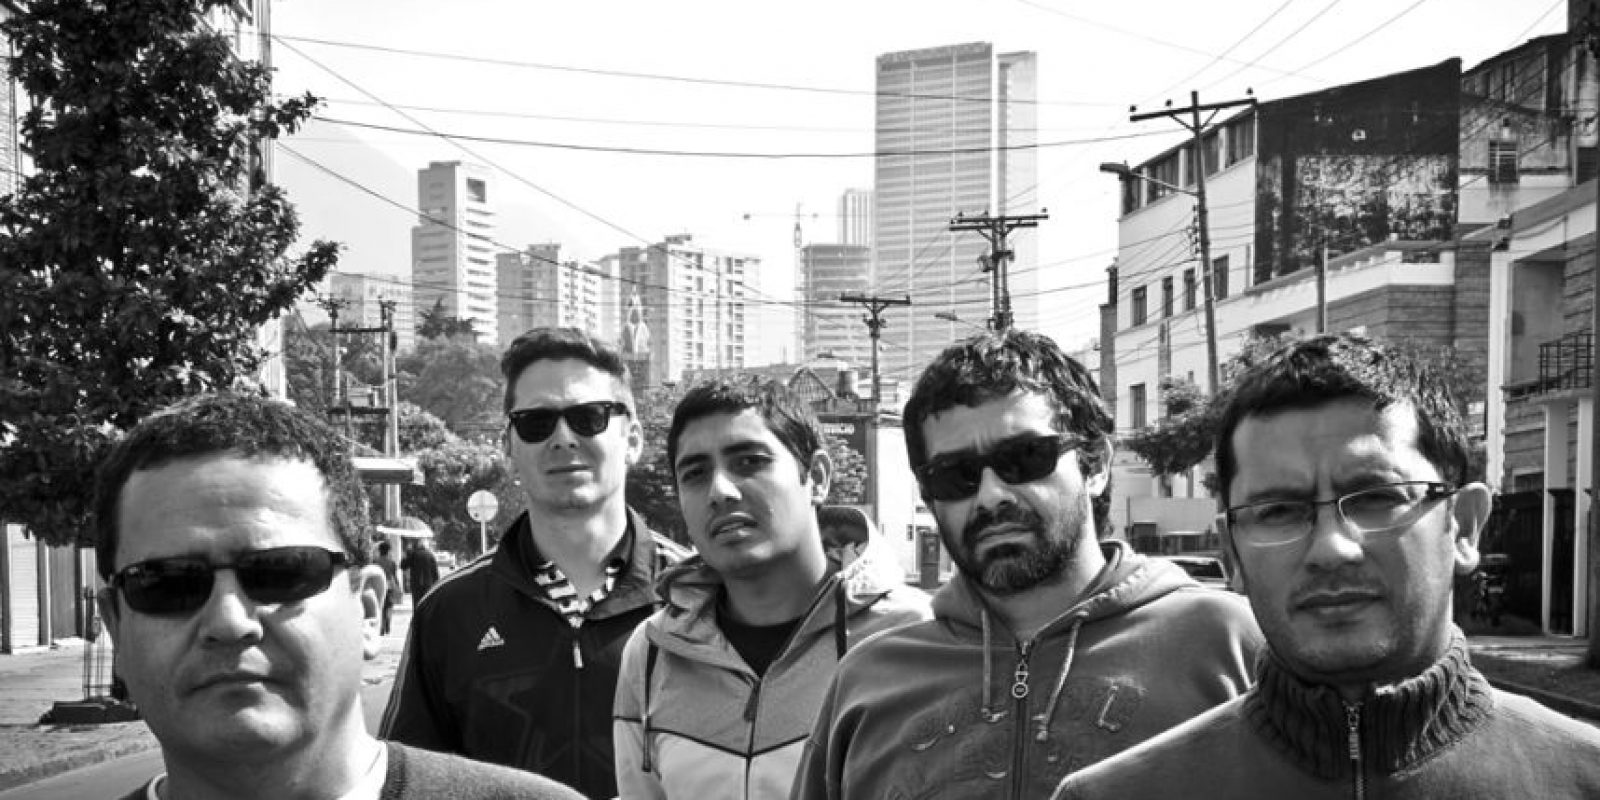 1280 Almas: En 1992 nació esta banda que nos puso a gozar con 'El platanal' y a poguear con 'Marinero'. Hoy, más de 20 años después, sigue vigente. Tiene ocho álbumes de estudio, siendo el más reciente 'Pueblo Alimaña', lanzado en 2012.Foto: Archivo